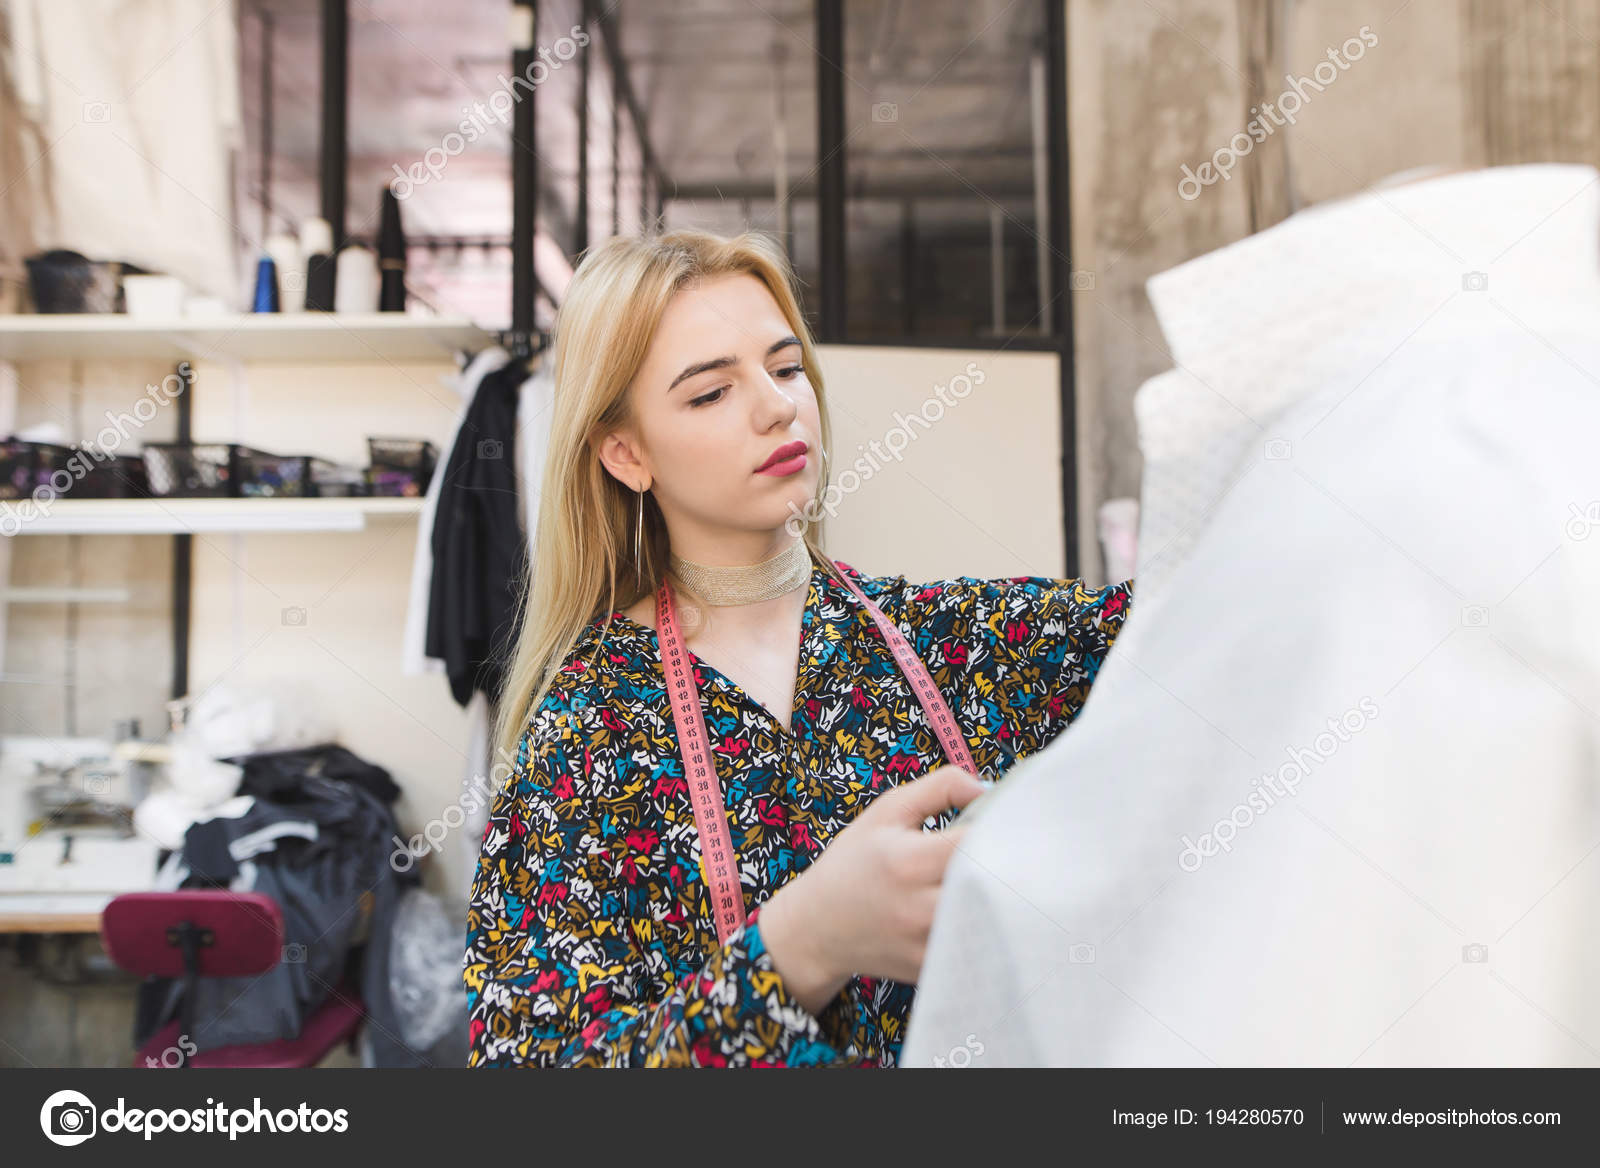 defbeb2ad1555 Retrato de jovem designer shane e trabalho em seu próprio estúdio de moda.  A linda garota está aguardando o boneco com roupas e trabalhando.